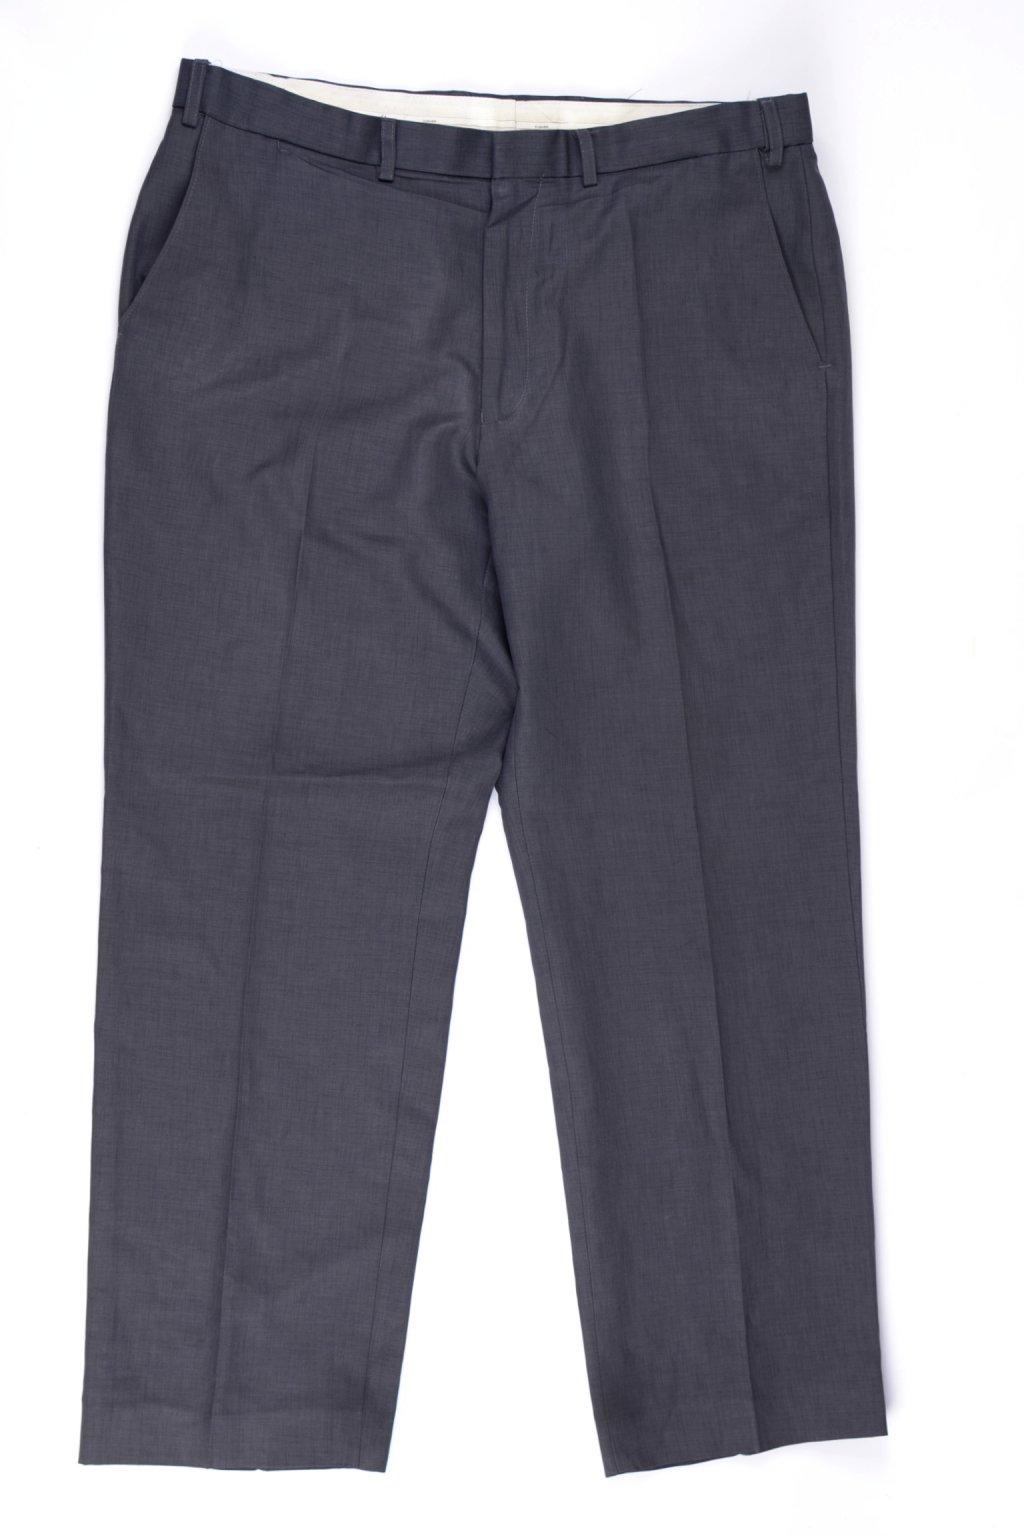 Kalhoty pánské Marks&Spencer vel L šedé tesilové